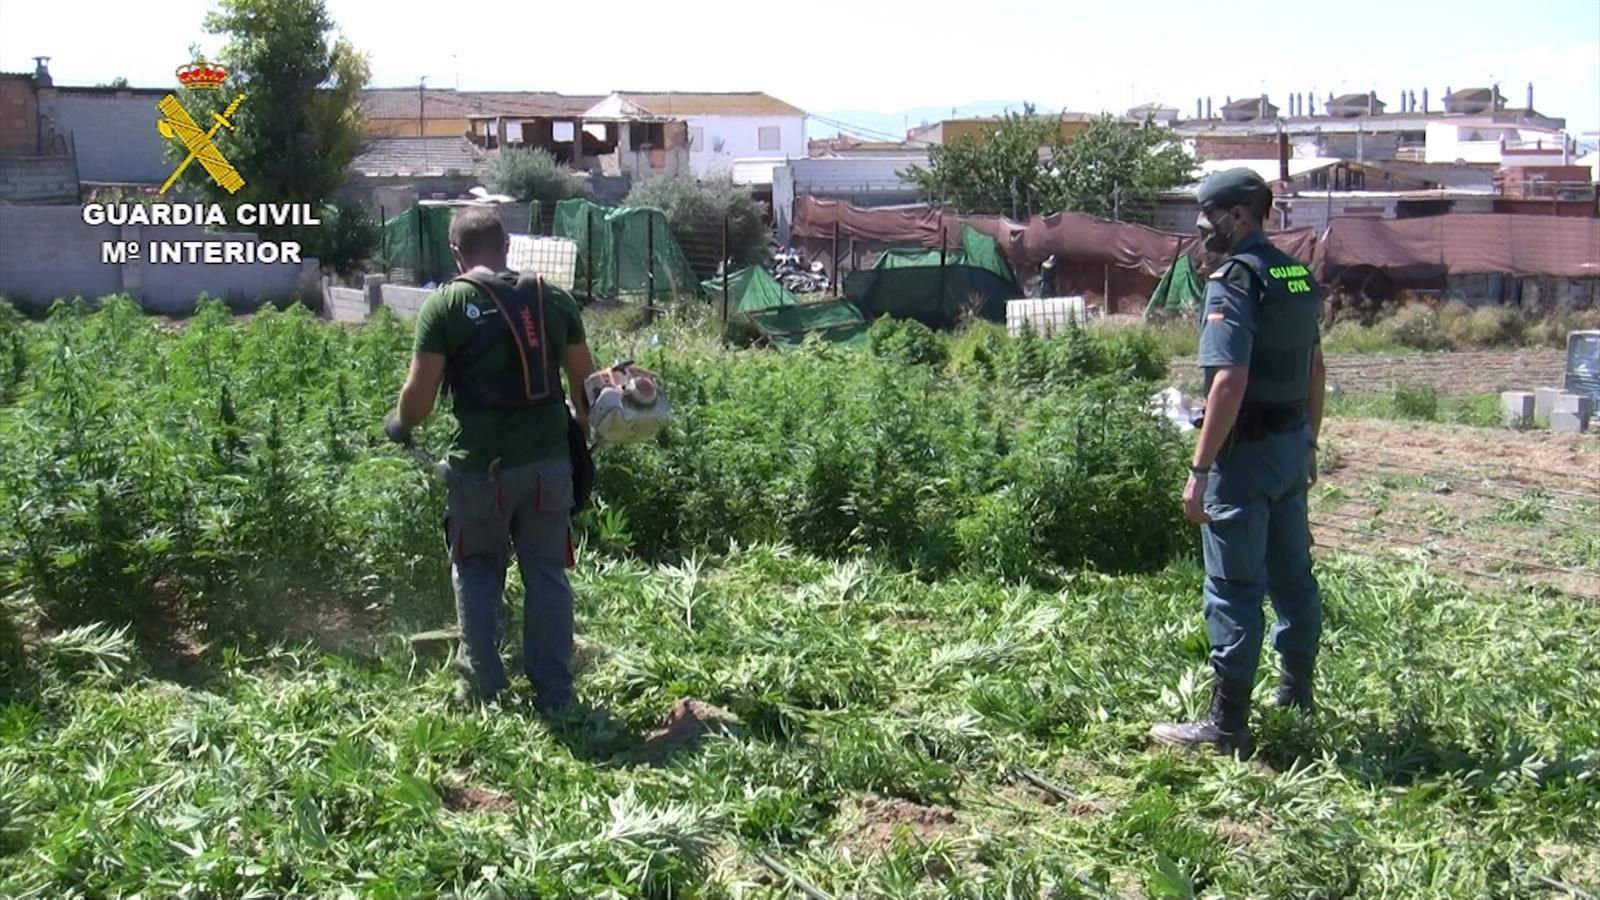 Intervenidas 15.250 plantas de cannabis en una macrooperación antidroga en Atarfe